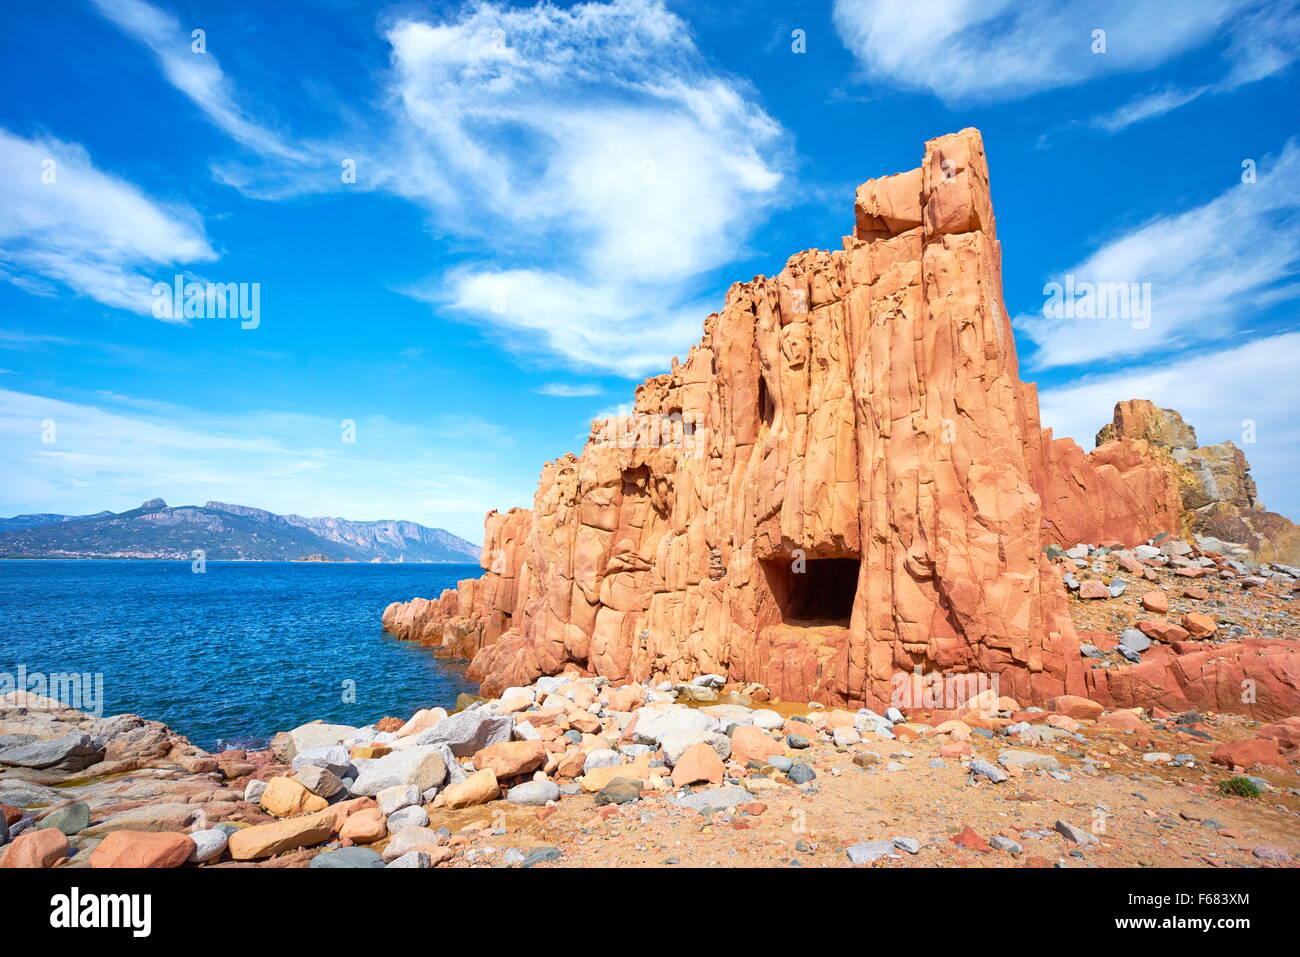 Arbatax, Red Rocks, Golfo di Orosei, Sardinia Island, Italy - Stock Image